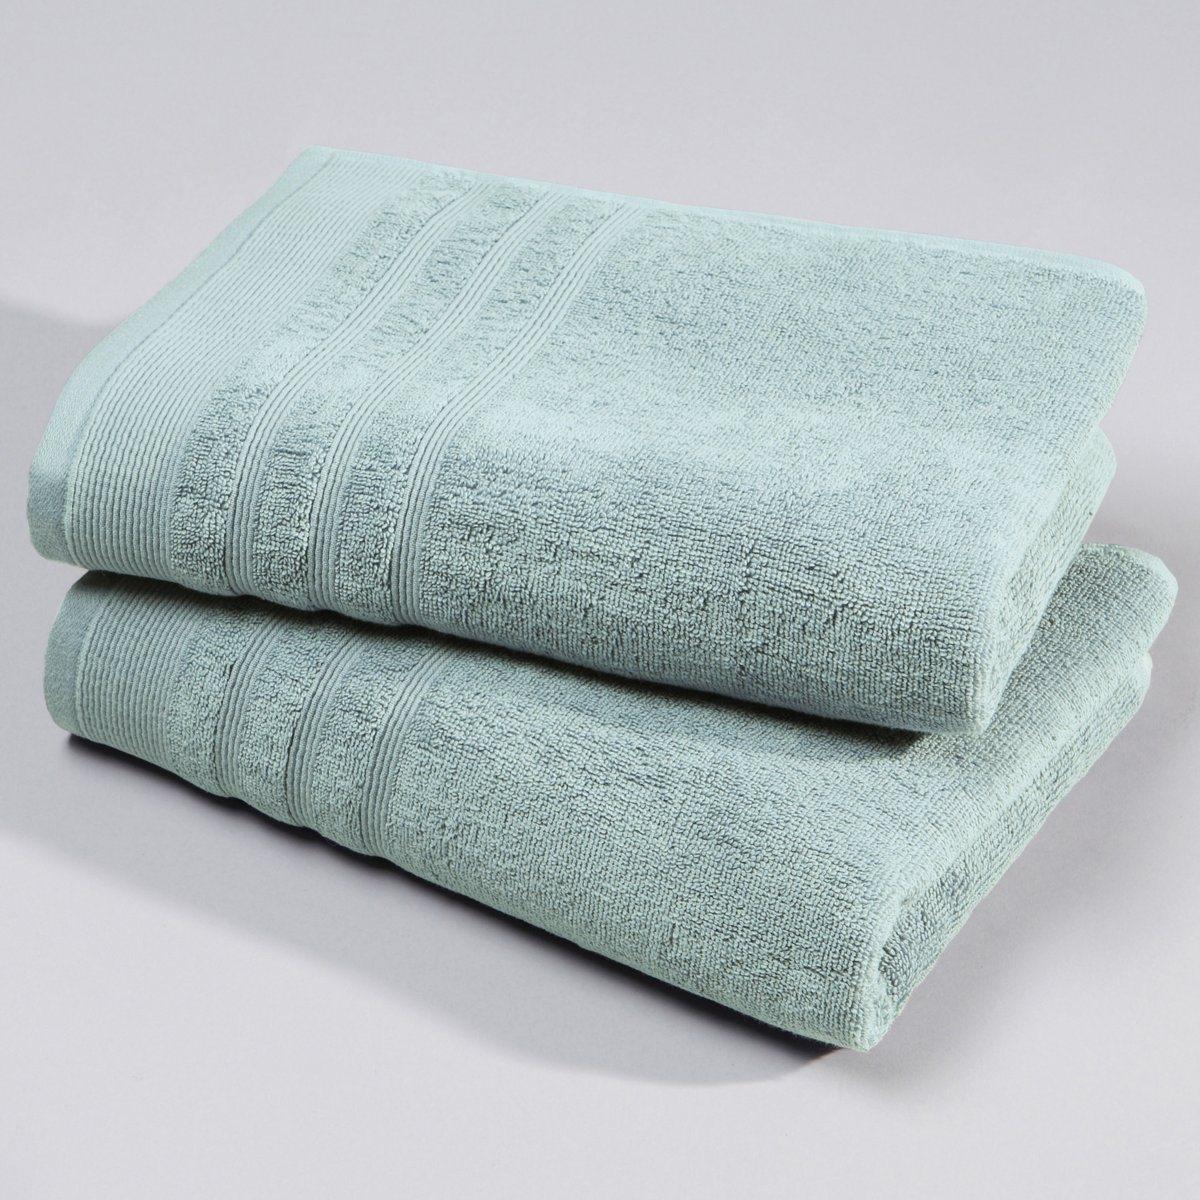 Салфетка 600 г/м? (комплект из 2), Качество BestХарактеристики :Качество BEST.Махровая ткань 100 % хлопка.Машинная стирка при 60°.Размер салфетки :50 x 100 см.<br><br>Цвет: бежевый,гранатовый,зелено-синий,зеленый мох,розовая пудра,светло-серый,синий морской,темно-серый,фиолетовый,шафран<br>Размер: 50 x 100  см.50 x 100  см.50 x 100  см.50 x 100  см